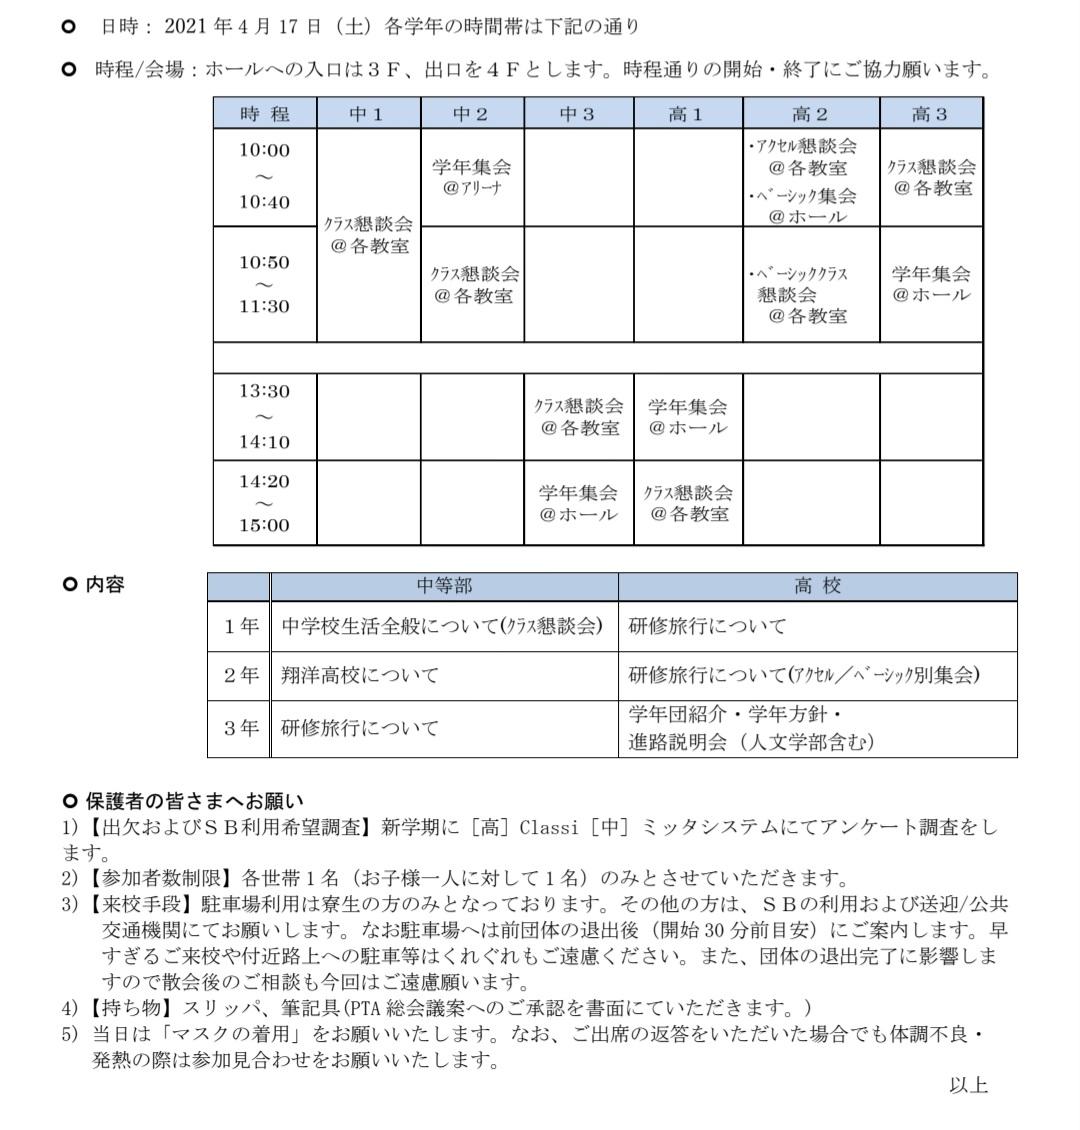 4/17(土)学級懇談会